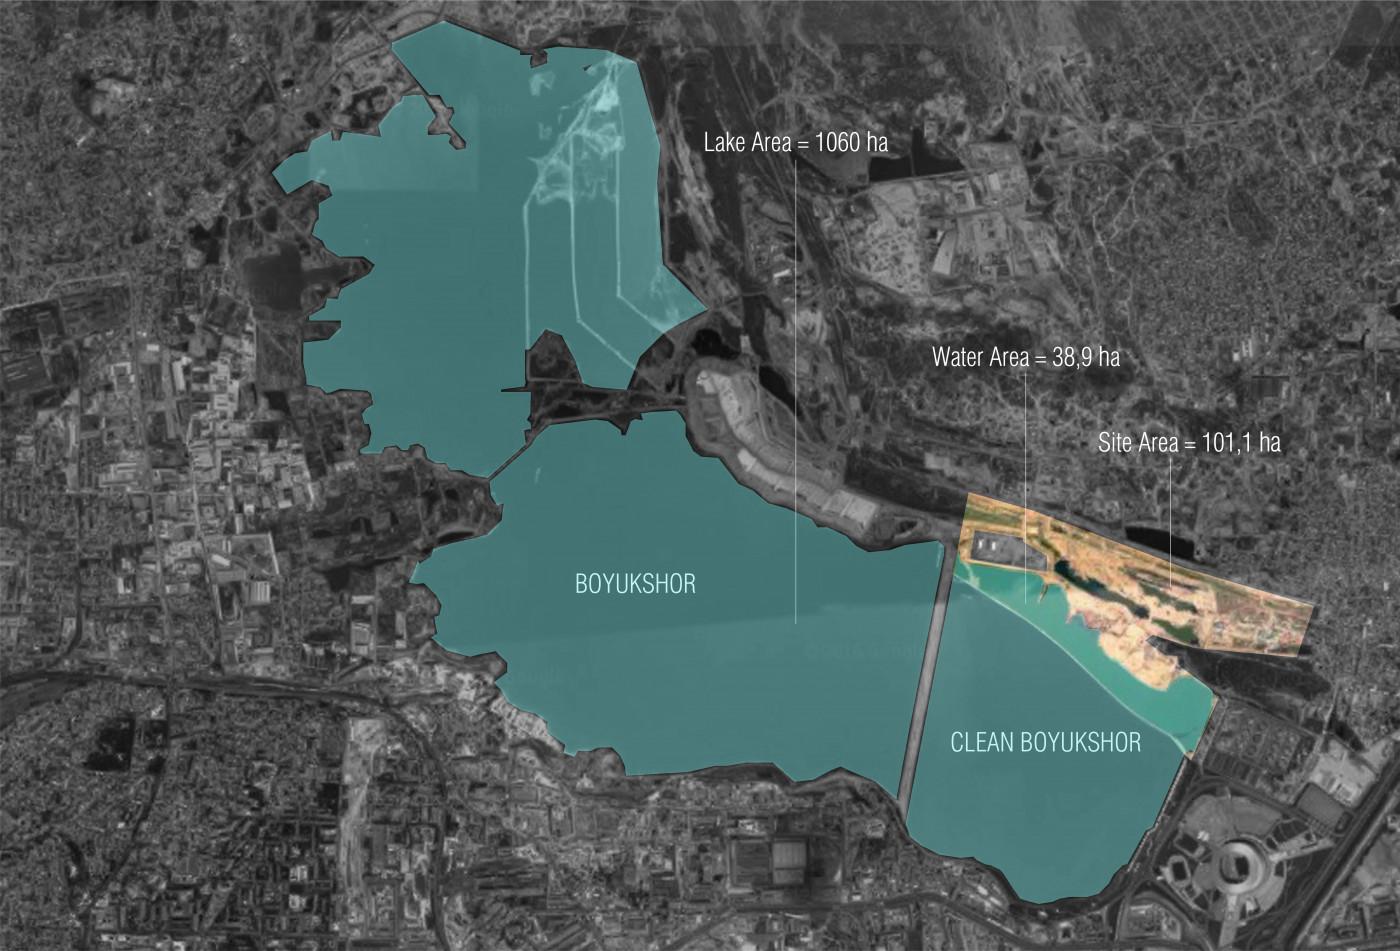 Розташування проектної ділянки на території озера Беюк-Шор / Парк розваг з зоопарком на території озера Беюк-Шор